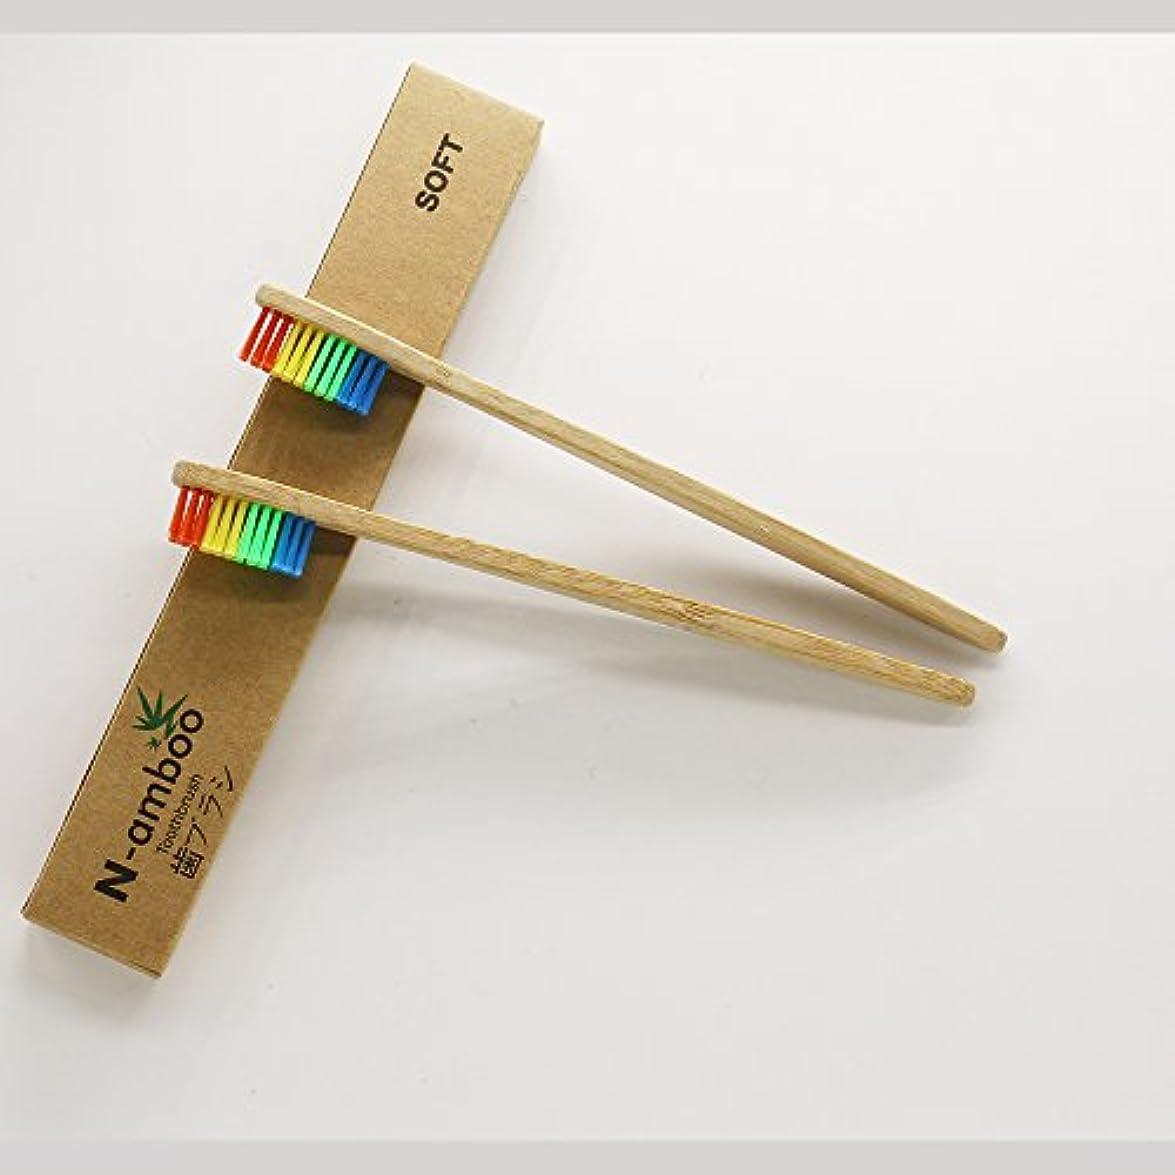 分離モッキンバード下N-amboo 竹製 耐久度高い 歯ブラシ 四色 虹(にじ) 2本入り セット